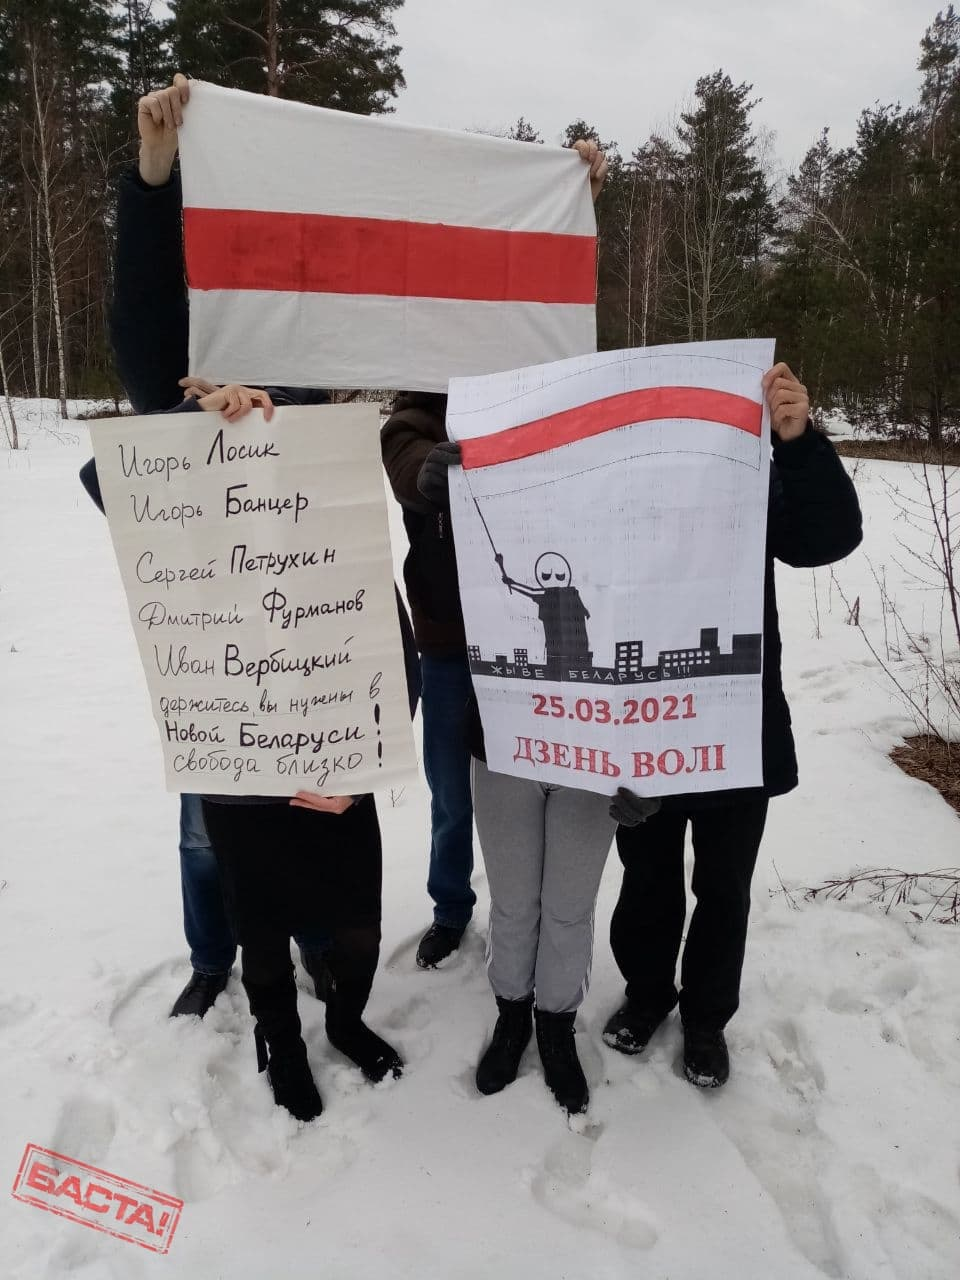 Белорусы активно готовятся к 25-ому марта9